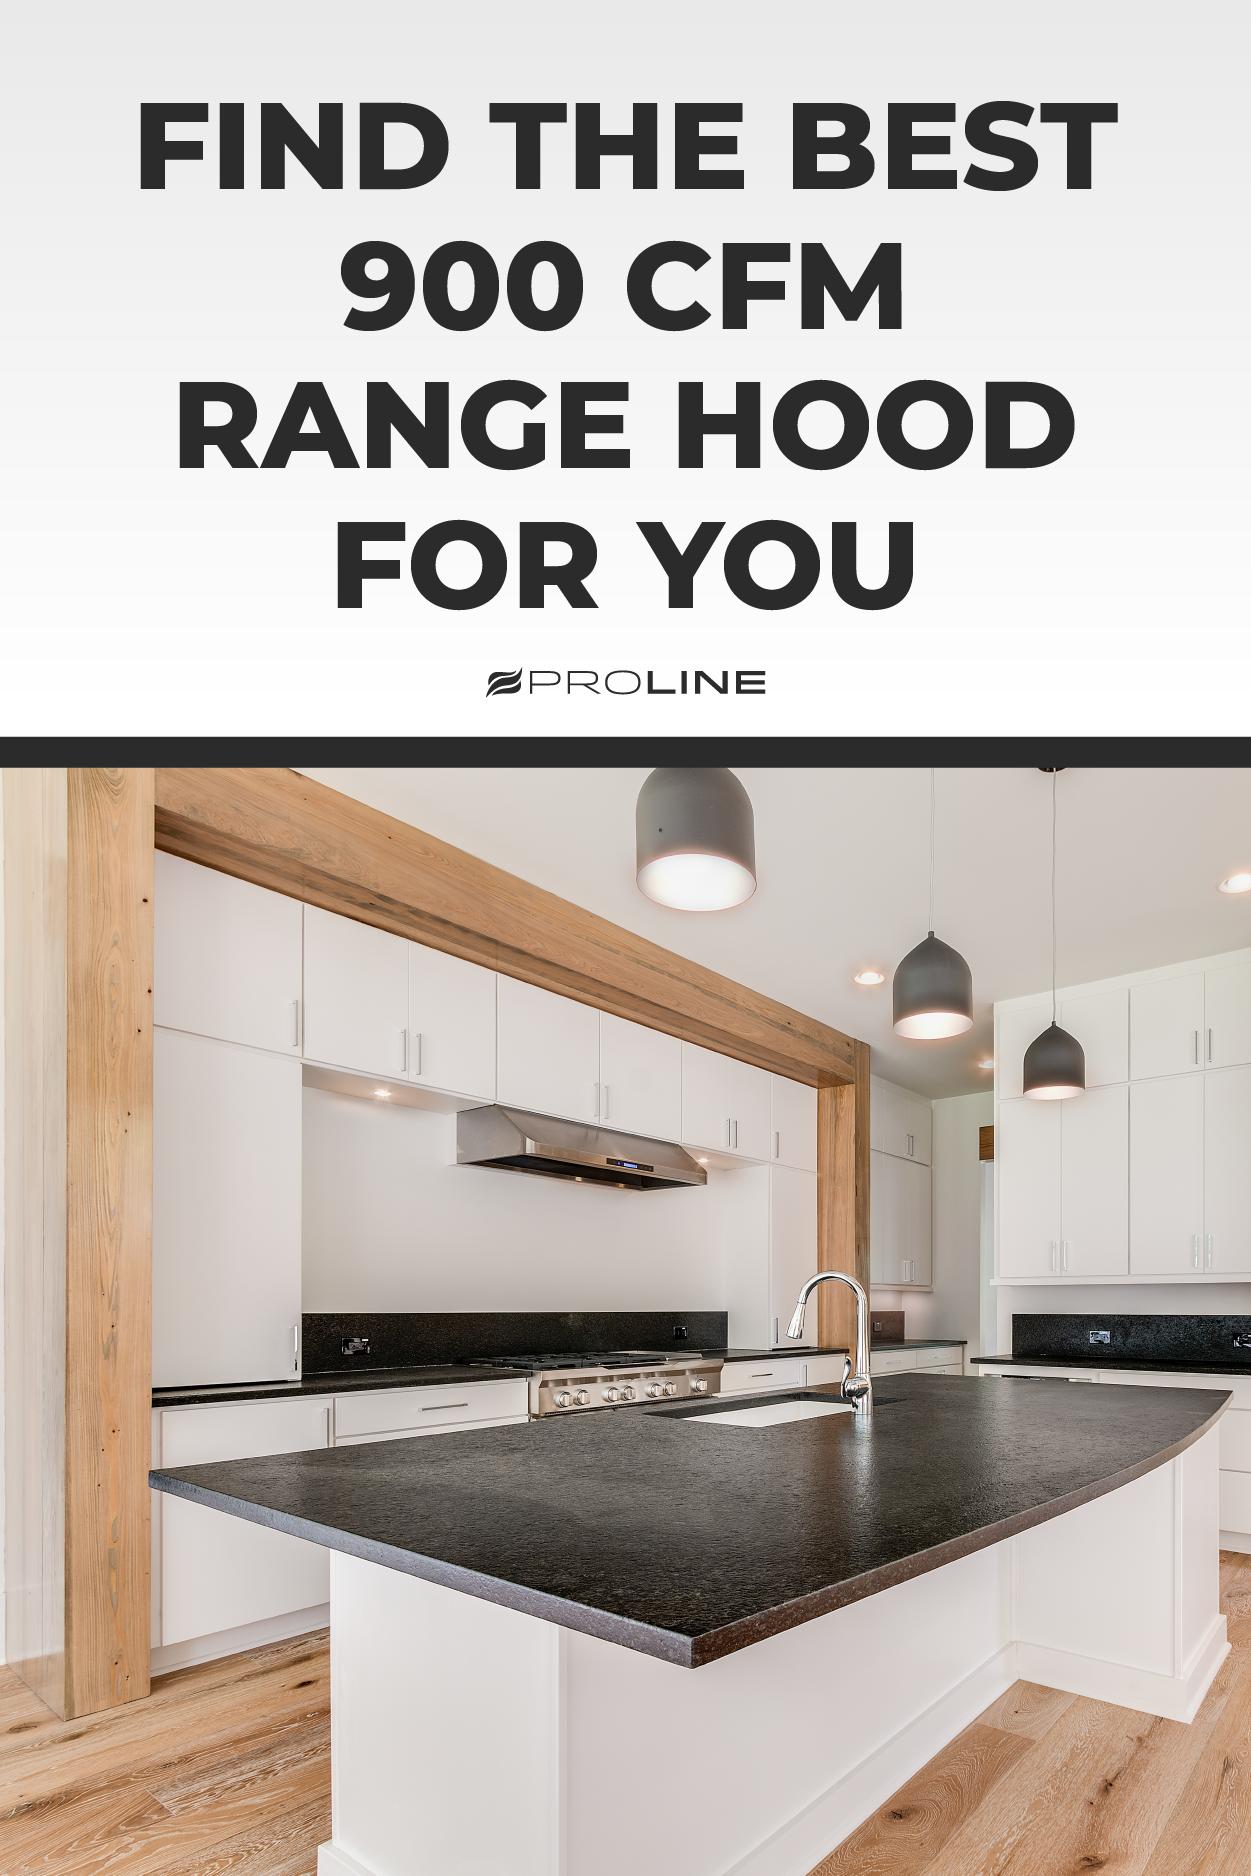 Best 900 Cfm Range Hoods And Buyer S Guide Range Hoods Range Hood Kitchen Ventilation